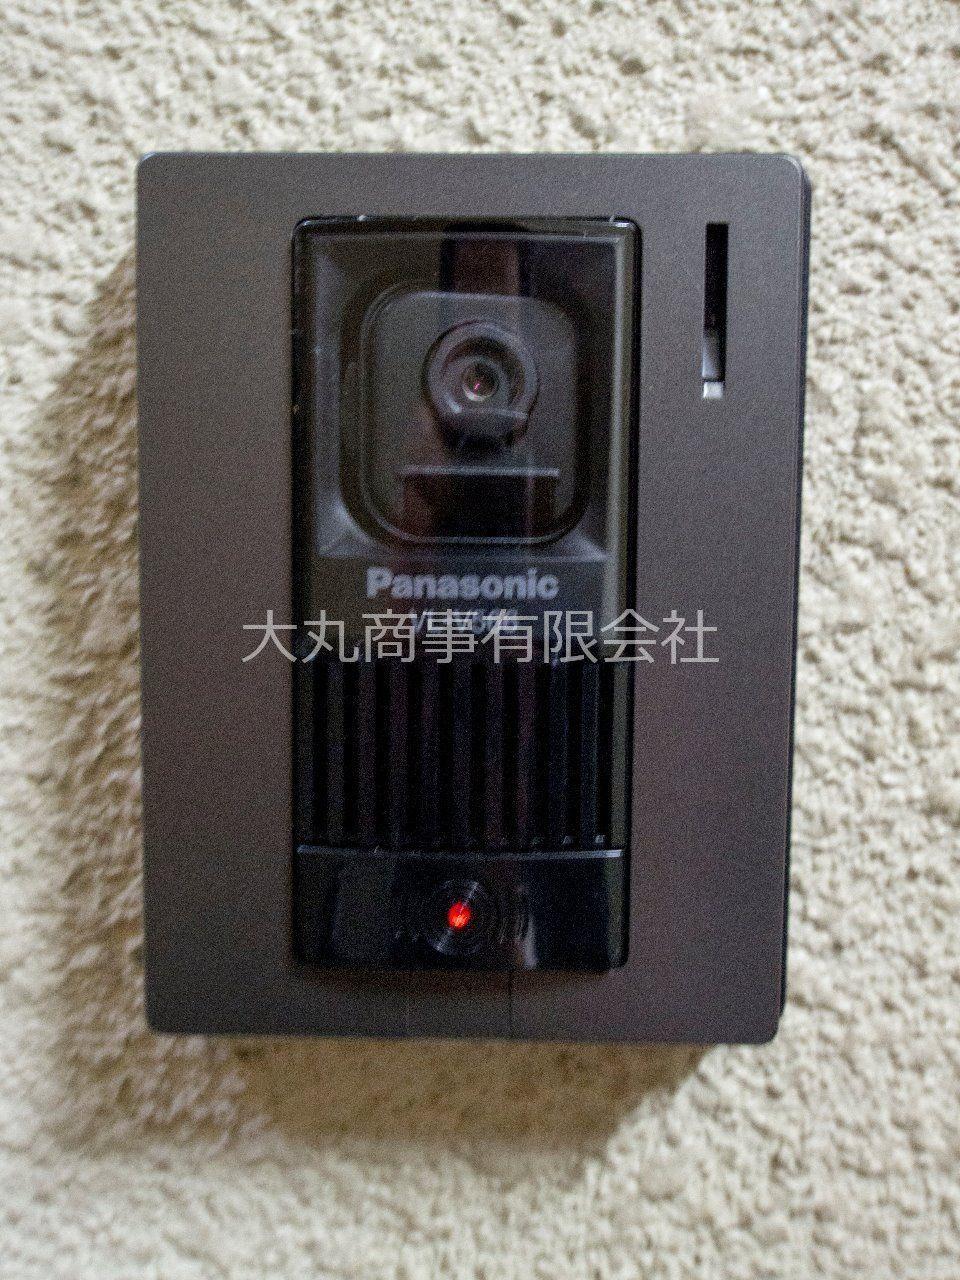 来訪者の顔が確認できるカメラ付チャイム